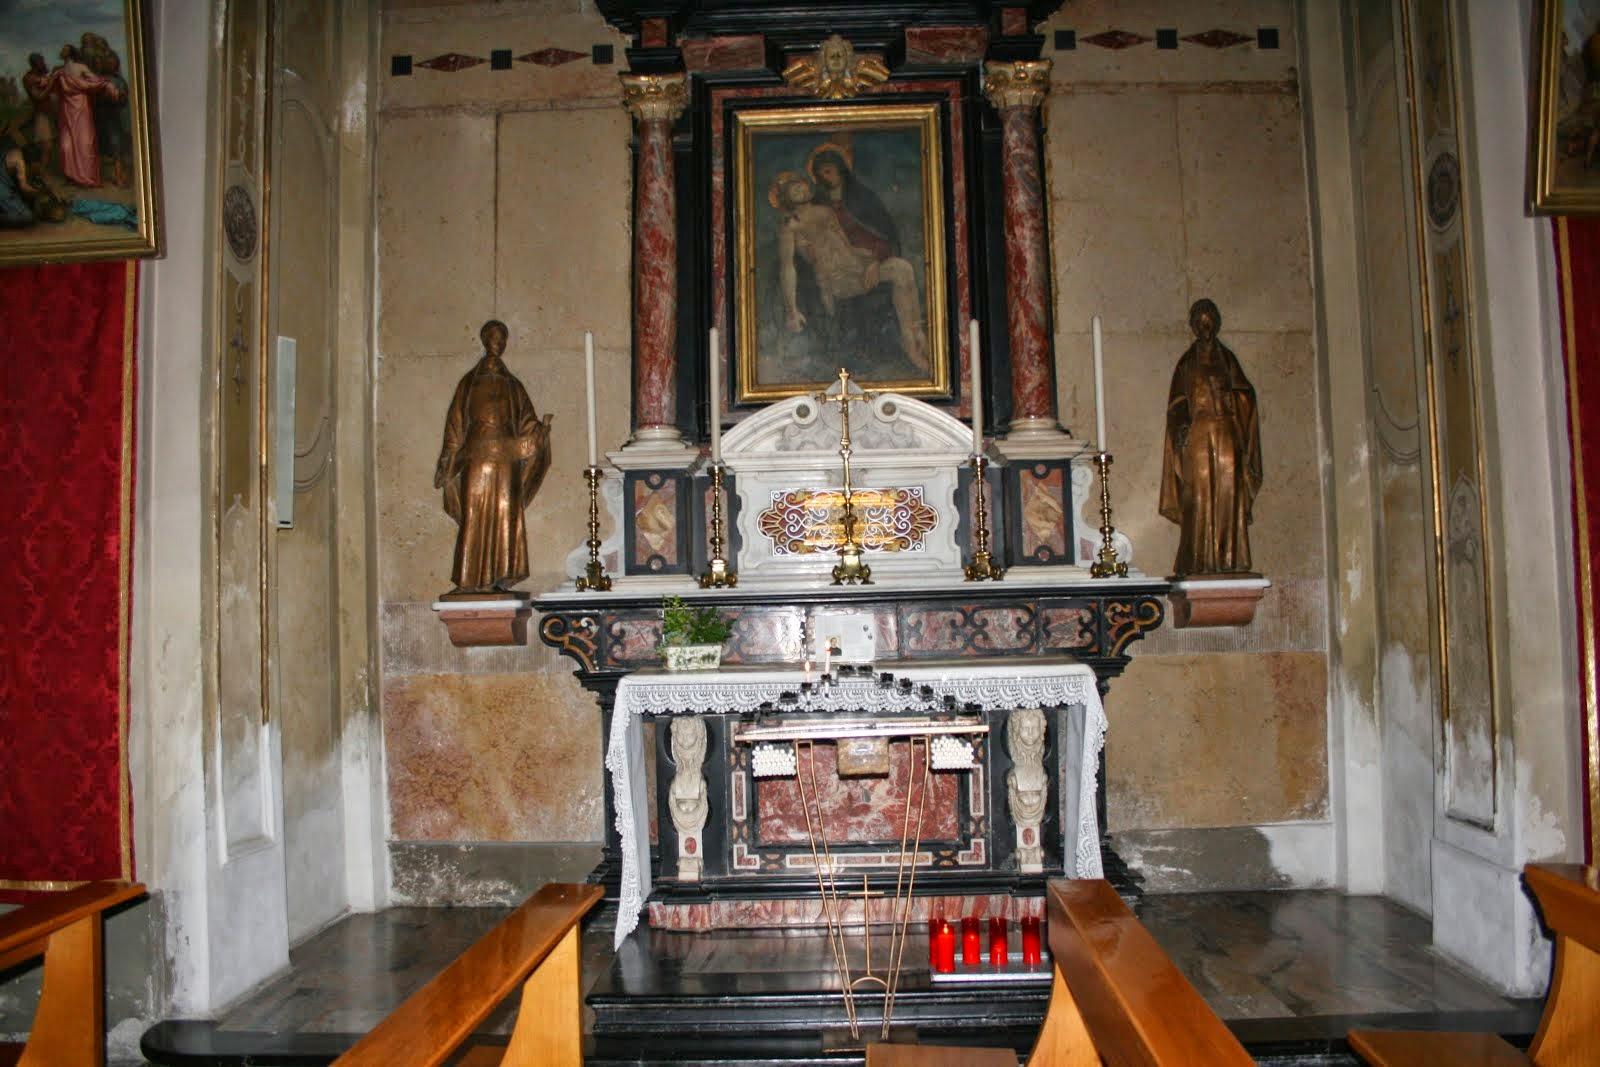 Altare dove Bartolomea ha pronunciato i suoi voti